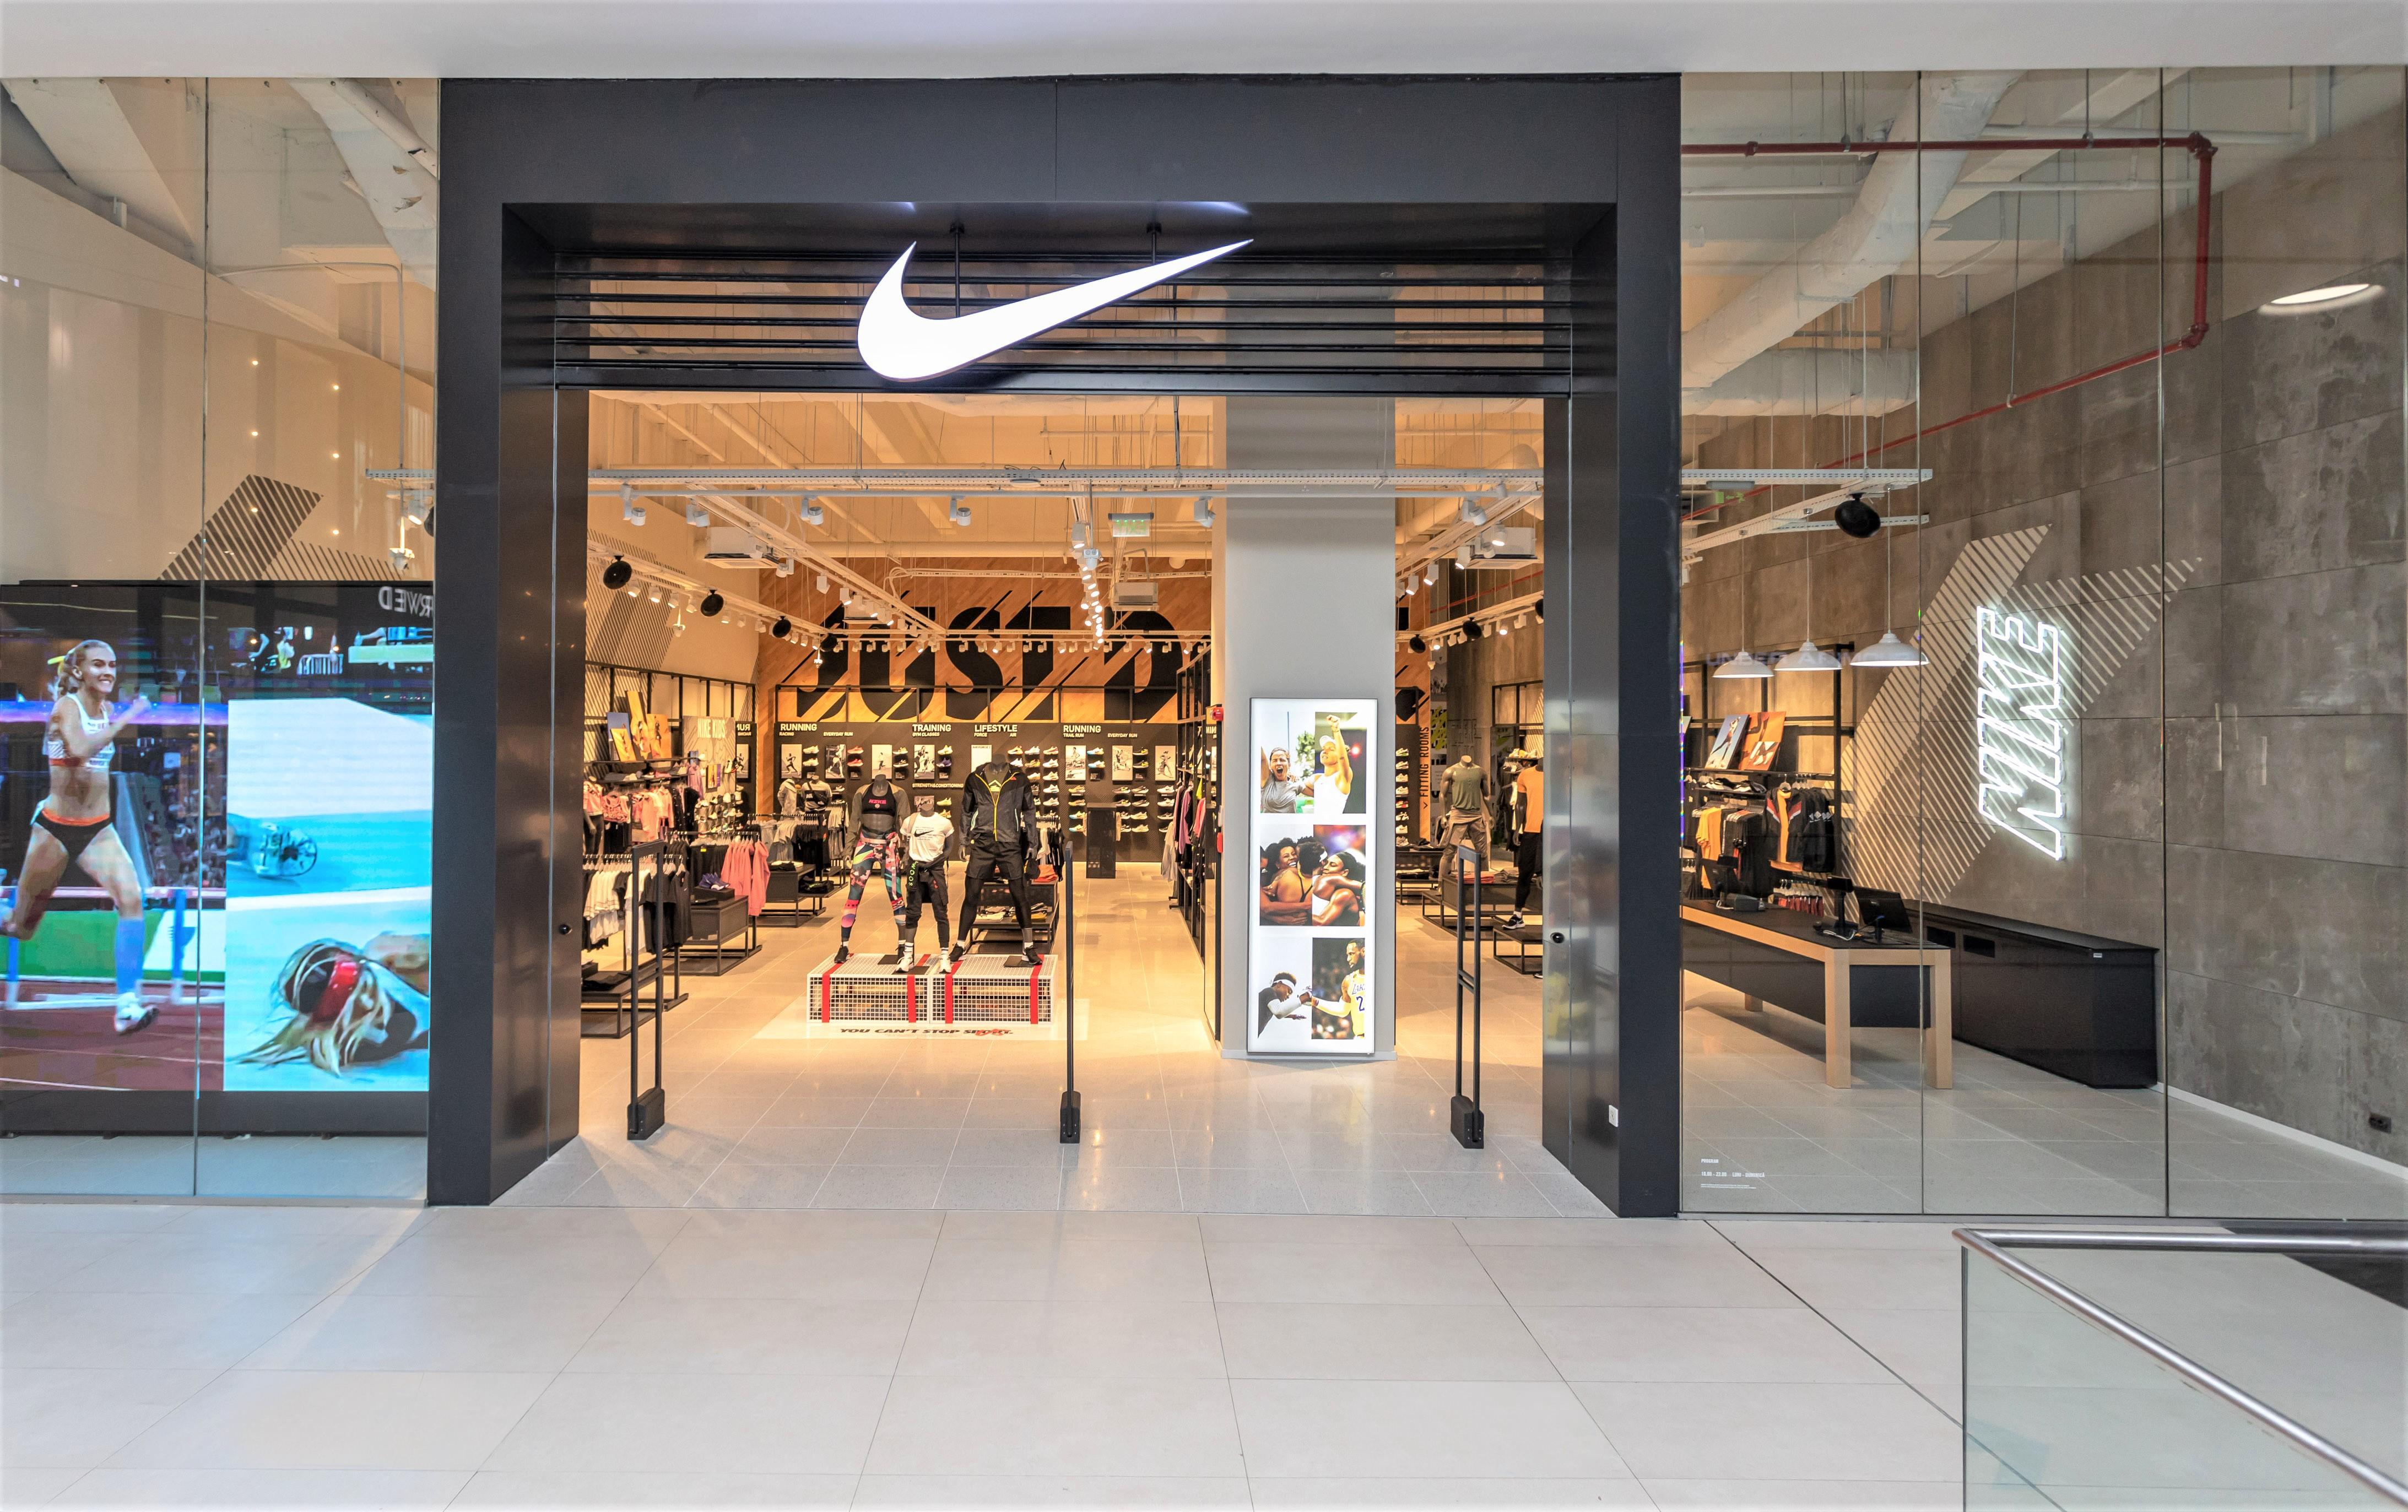 Sport Time Balkans din Serbia, care a preluat recent distribuţia brandului Nike pe plan local, a deschis în Bucureşti primul magazin monobrand din cele trei planificate pentru această toamnă în România